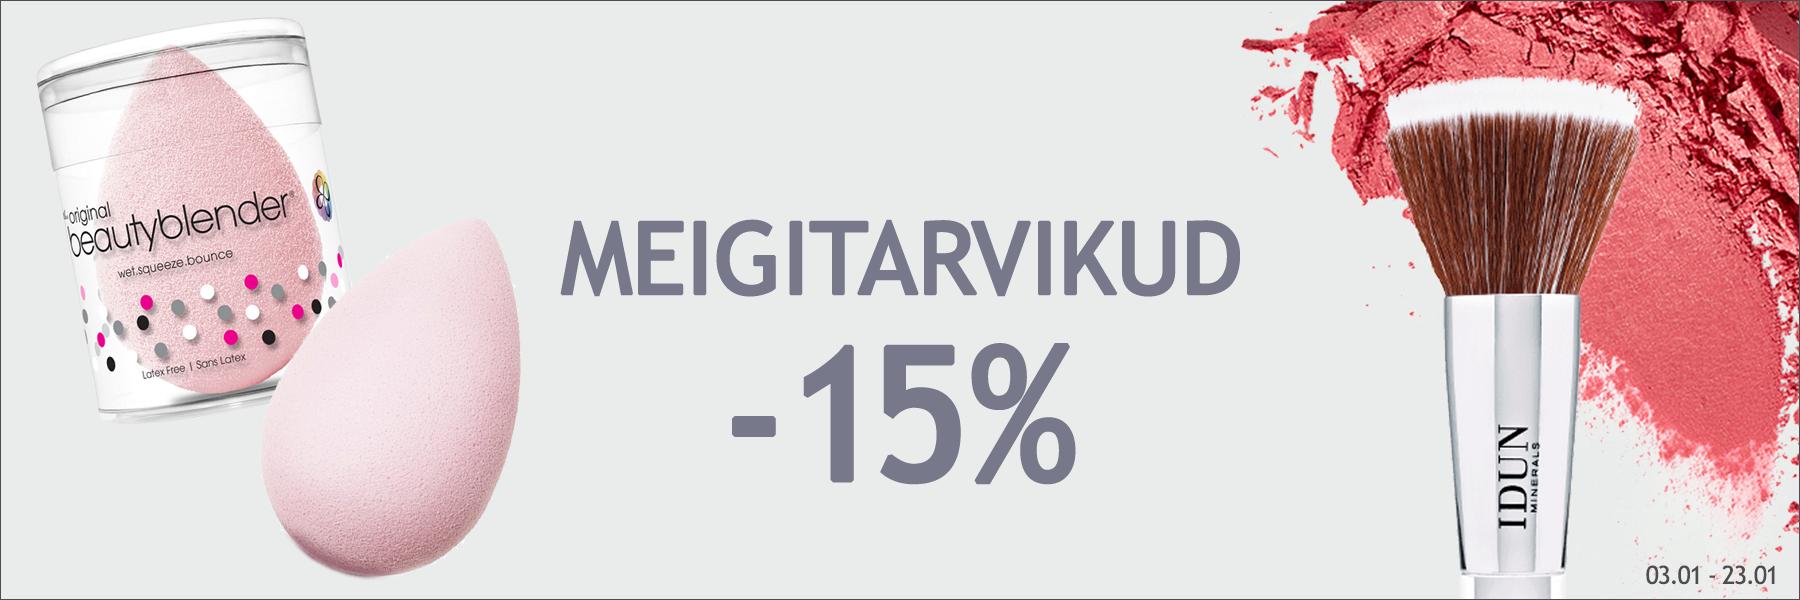 Meigitarvikud -15%